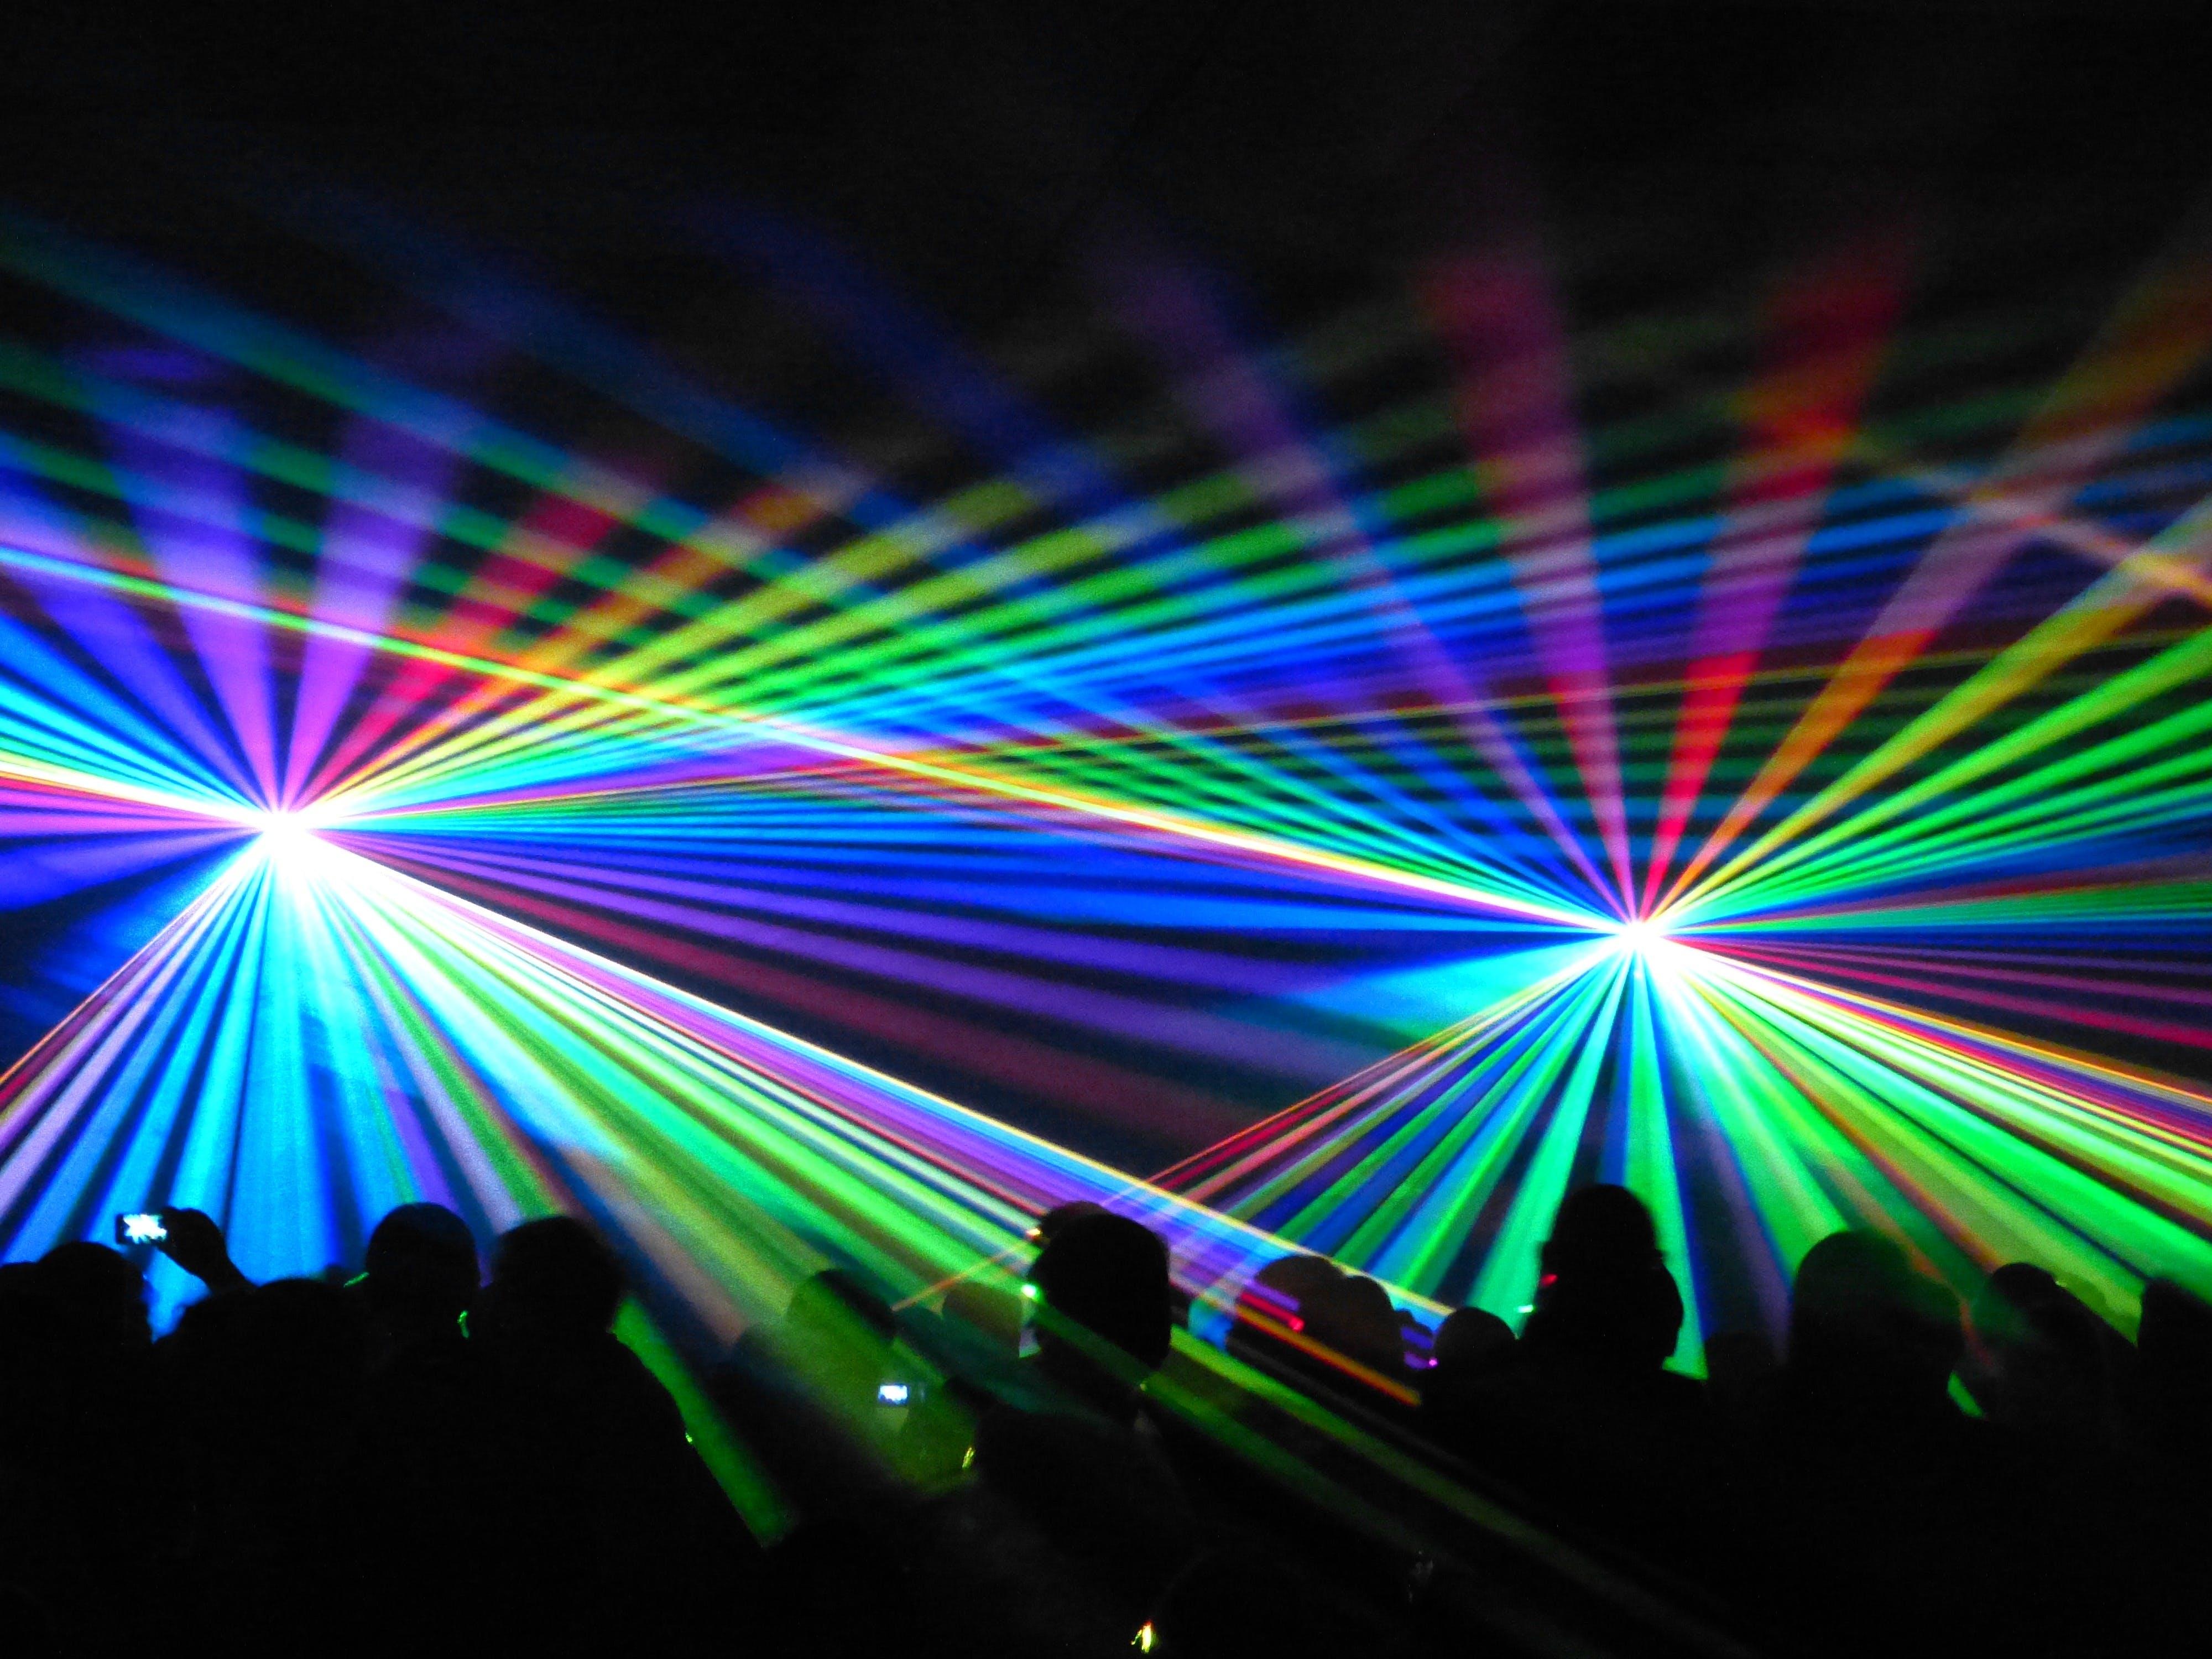 ışıklar, kalabalık, rengarenk içeren Ücretsiz stok fotoğraf